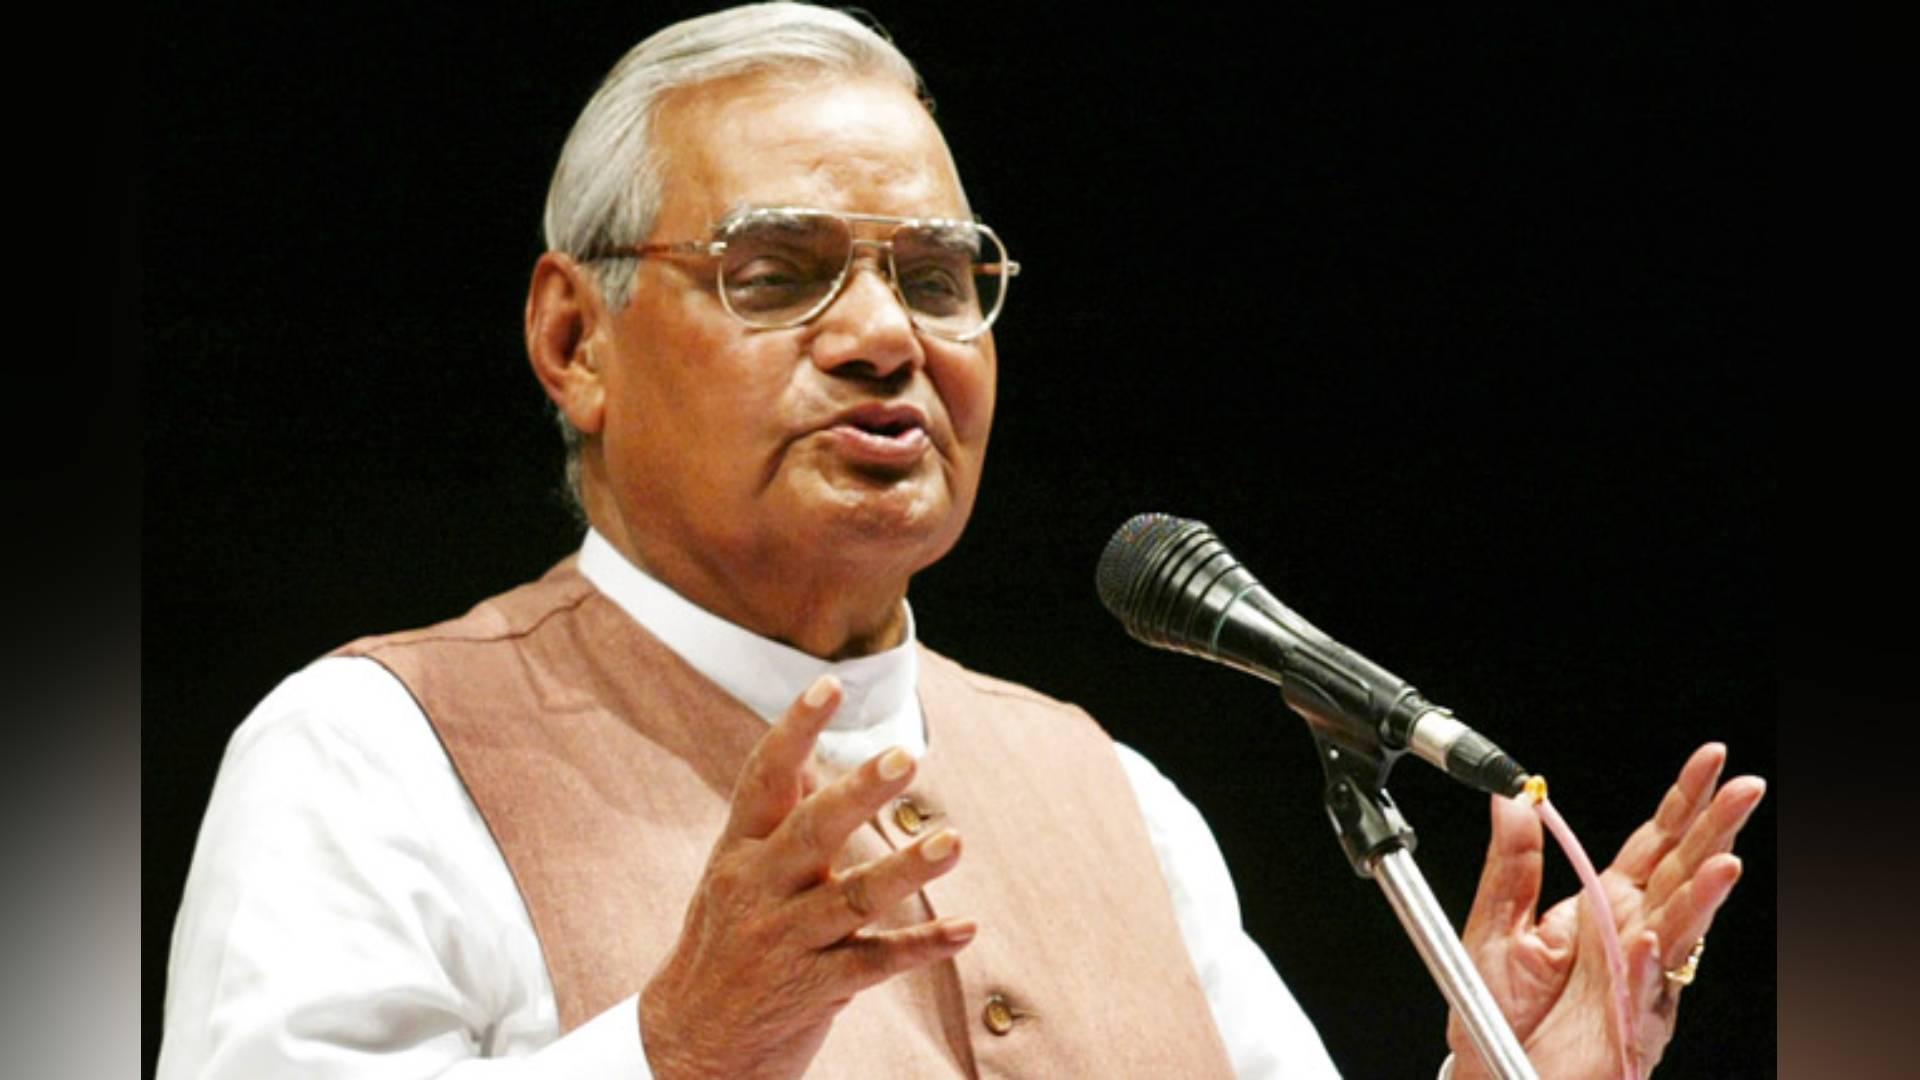 Atal Bihari Vajpayee Speech: अटल बिहारी वाजपेयी के 5 दमदार भाषण, जिसे सुनकर सिहर उठेंगे आप